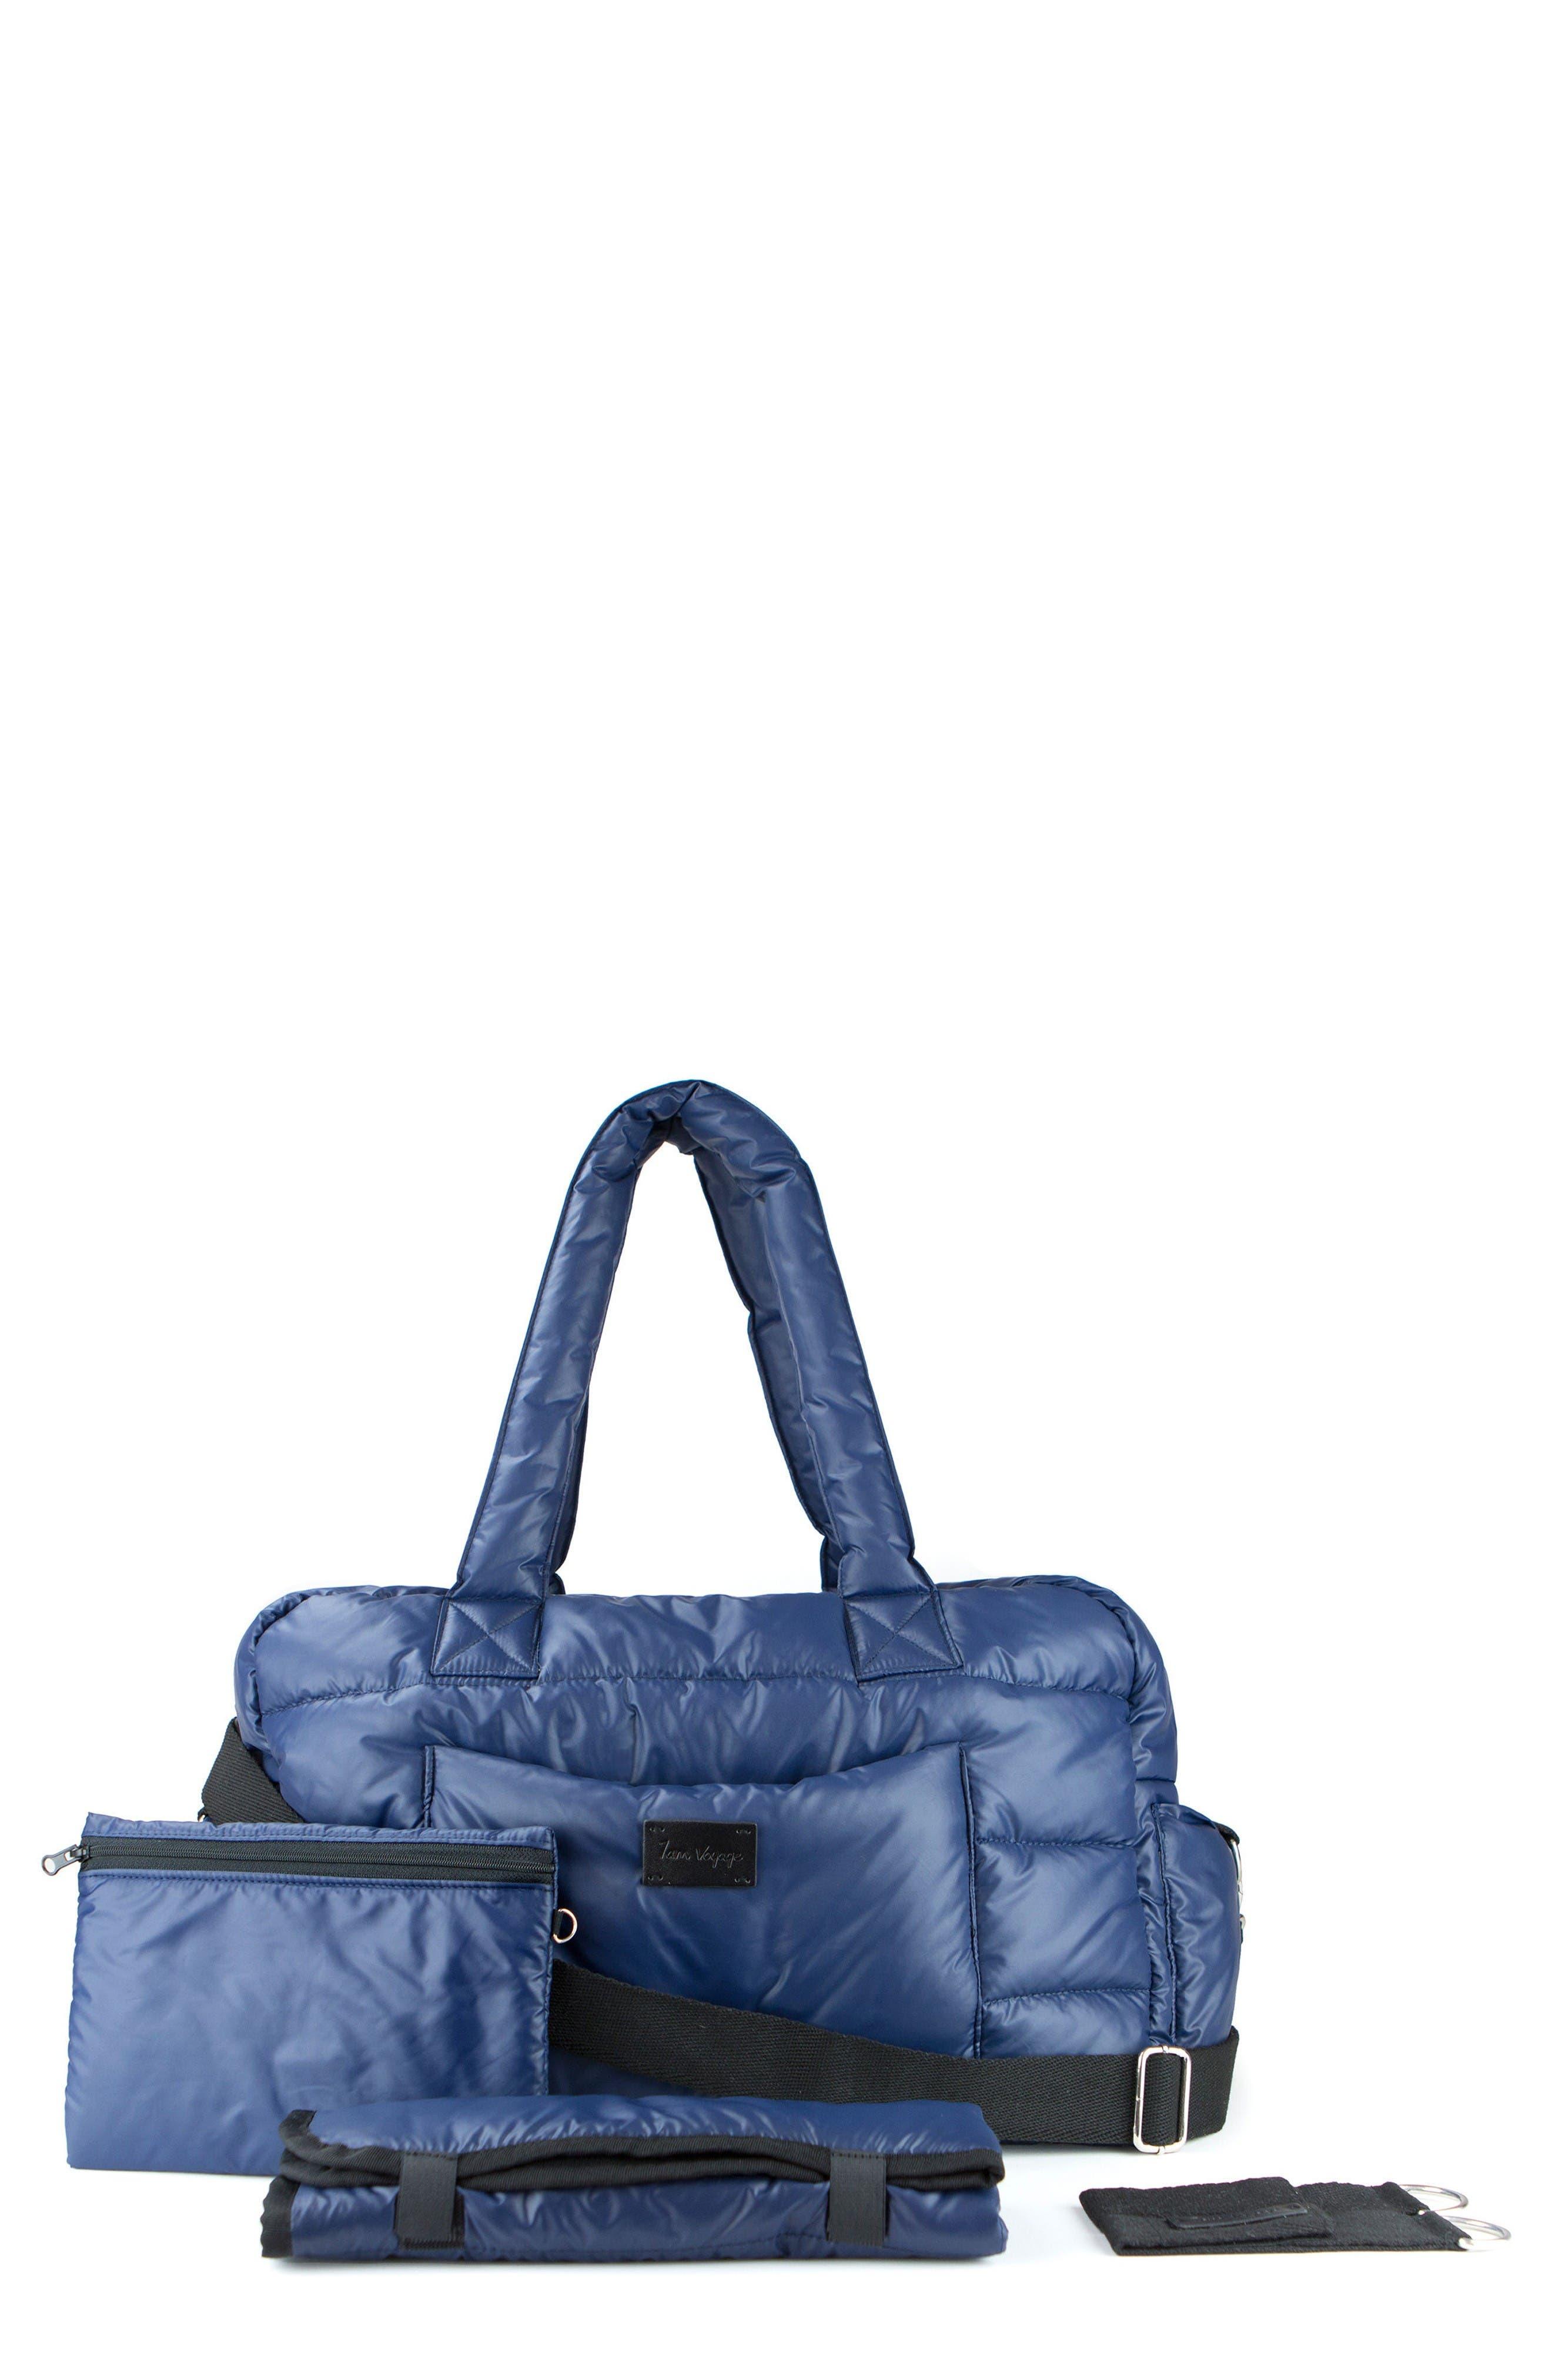 7 A.M. Enfant Soho Water Repellent Diaper Bag